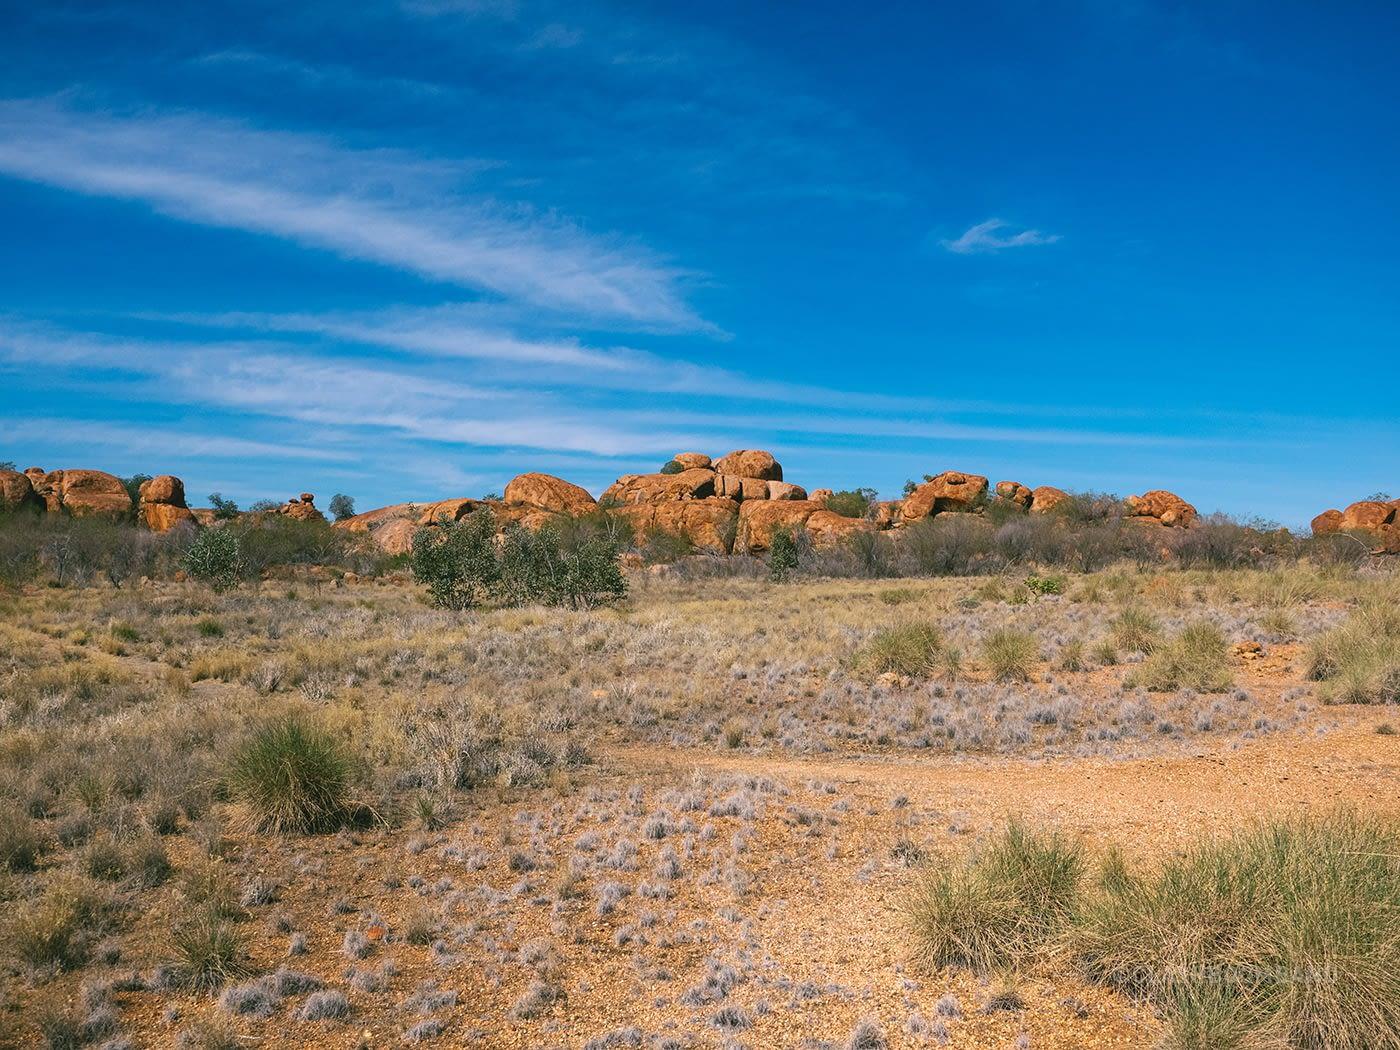 NT Australia - Karlu Karlu - Stack of boulders from afar